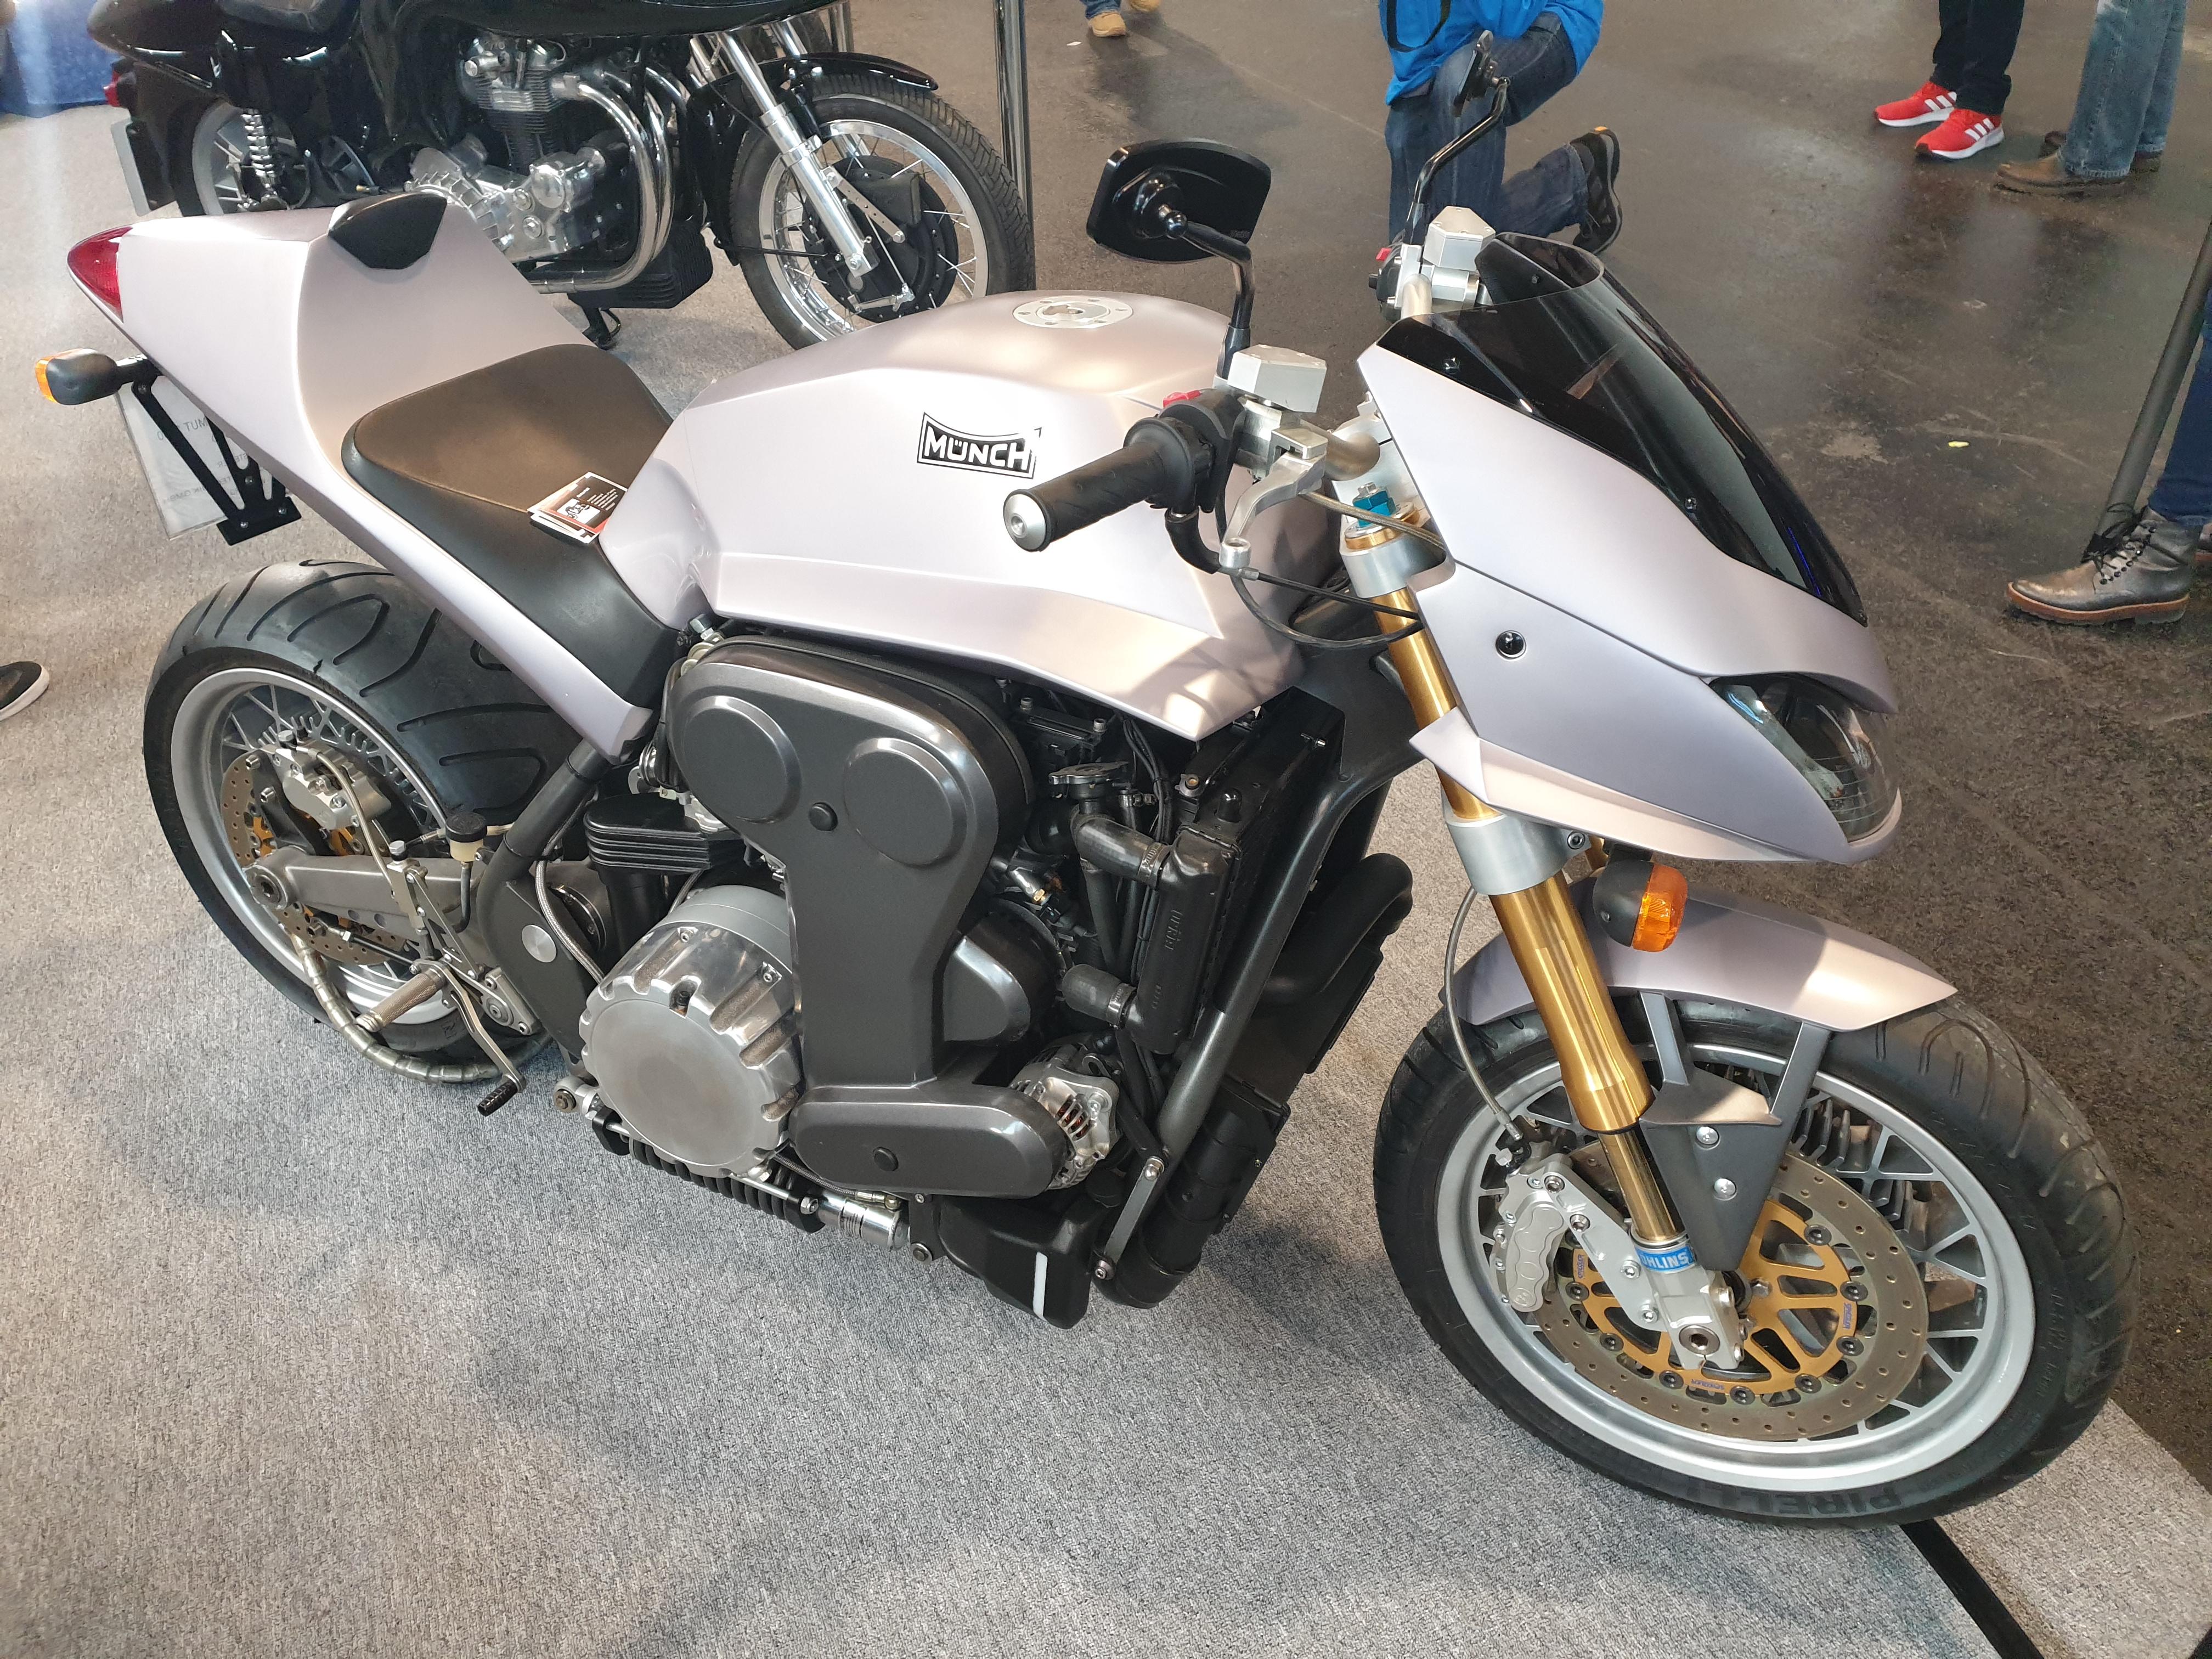 2020_Motorradwelt-10